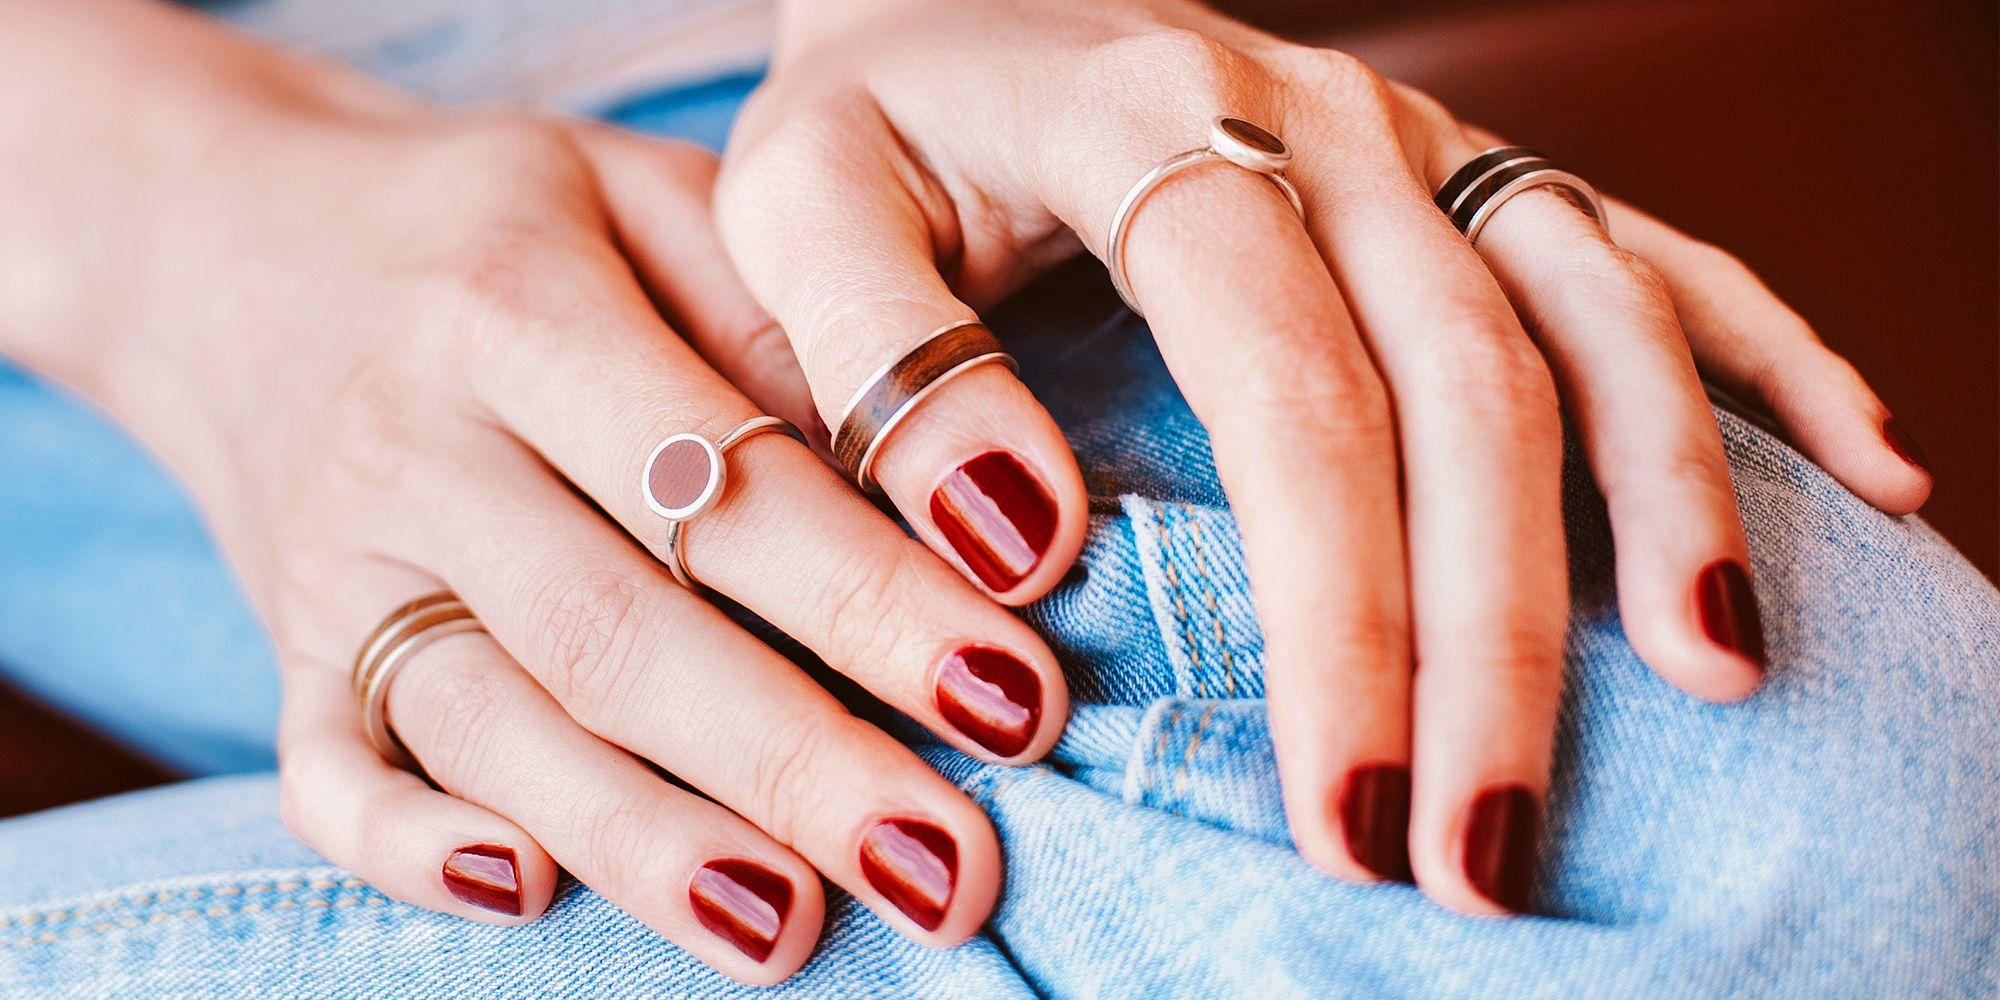 20 Best Fall Nail Polish Colors 2020 Autumn Nail Polish Shades